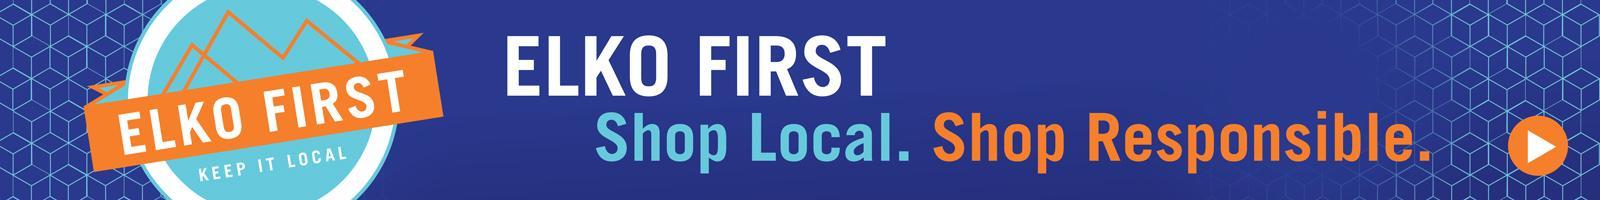 Shop Local Elko First